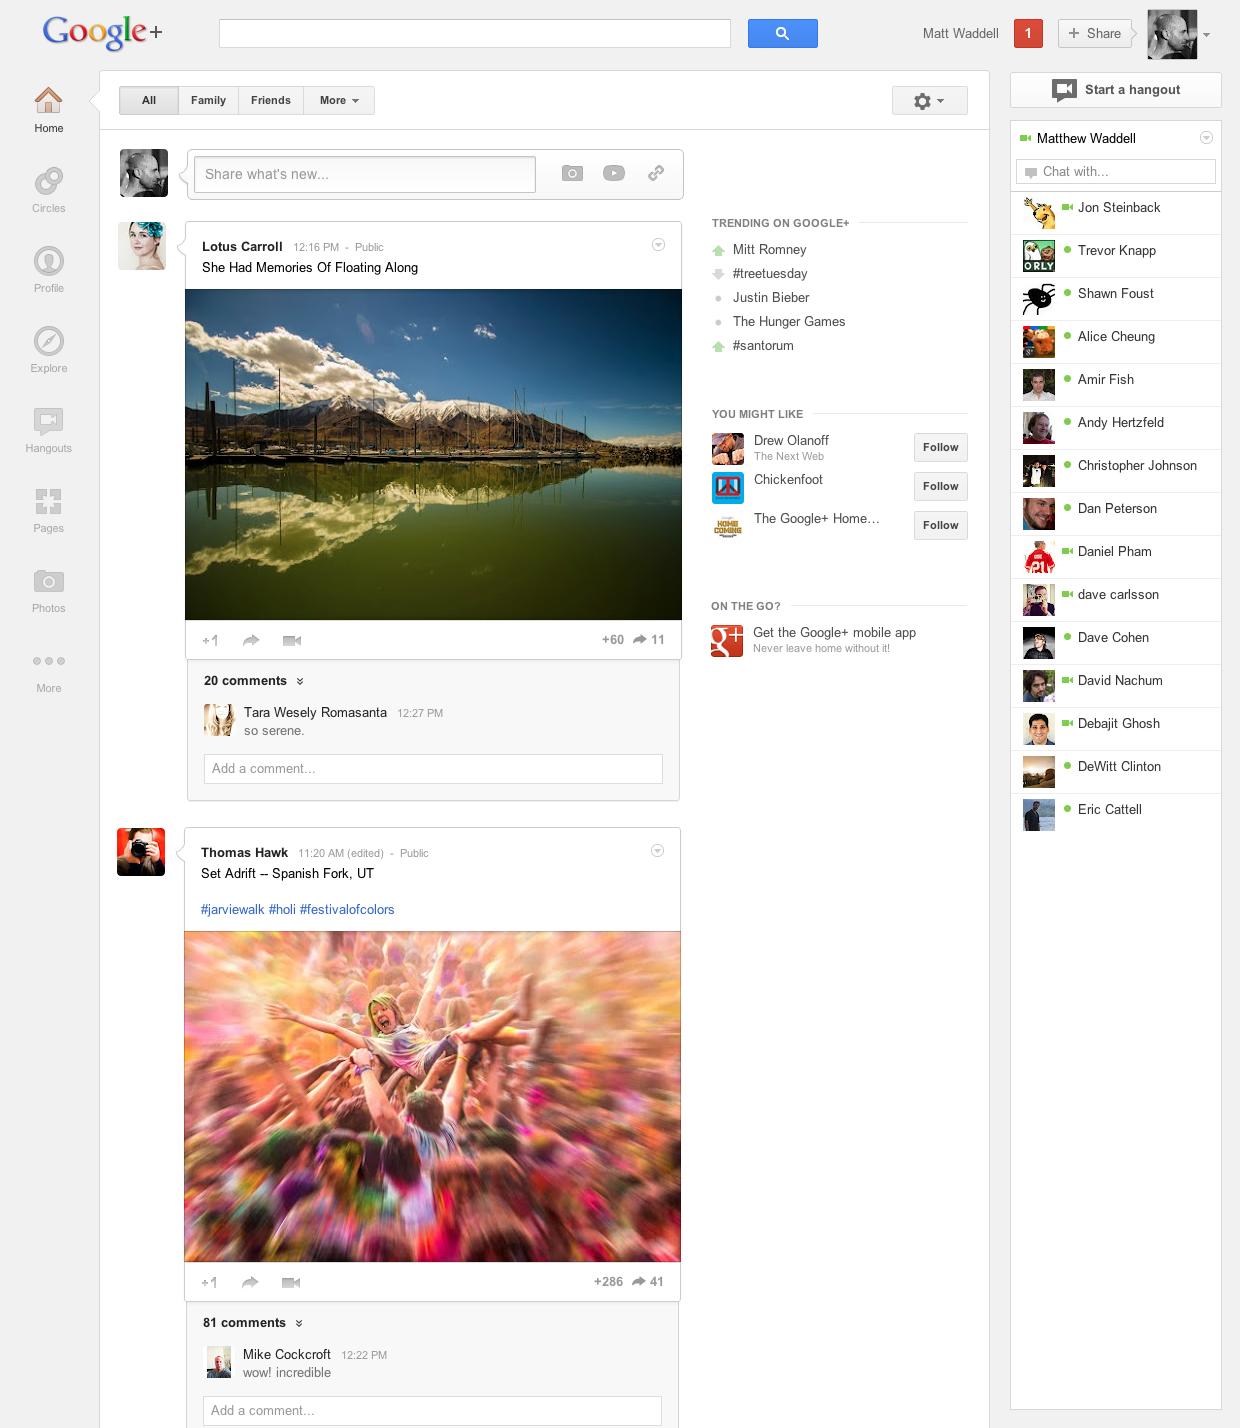 [Social Media] Google+ bekommt ein neues Design und neue Features (1/3)